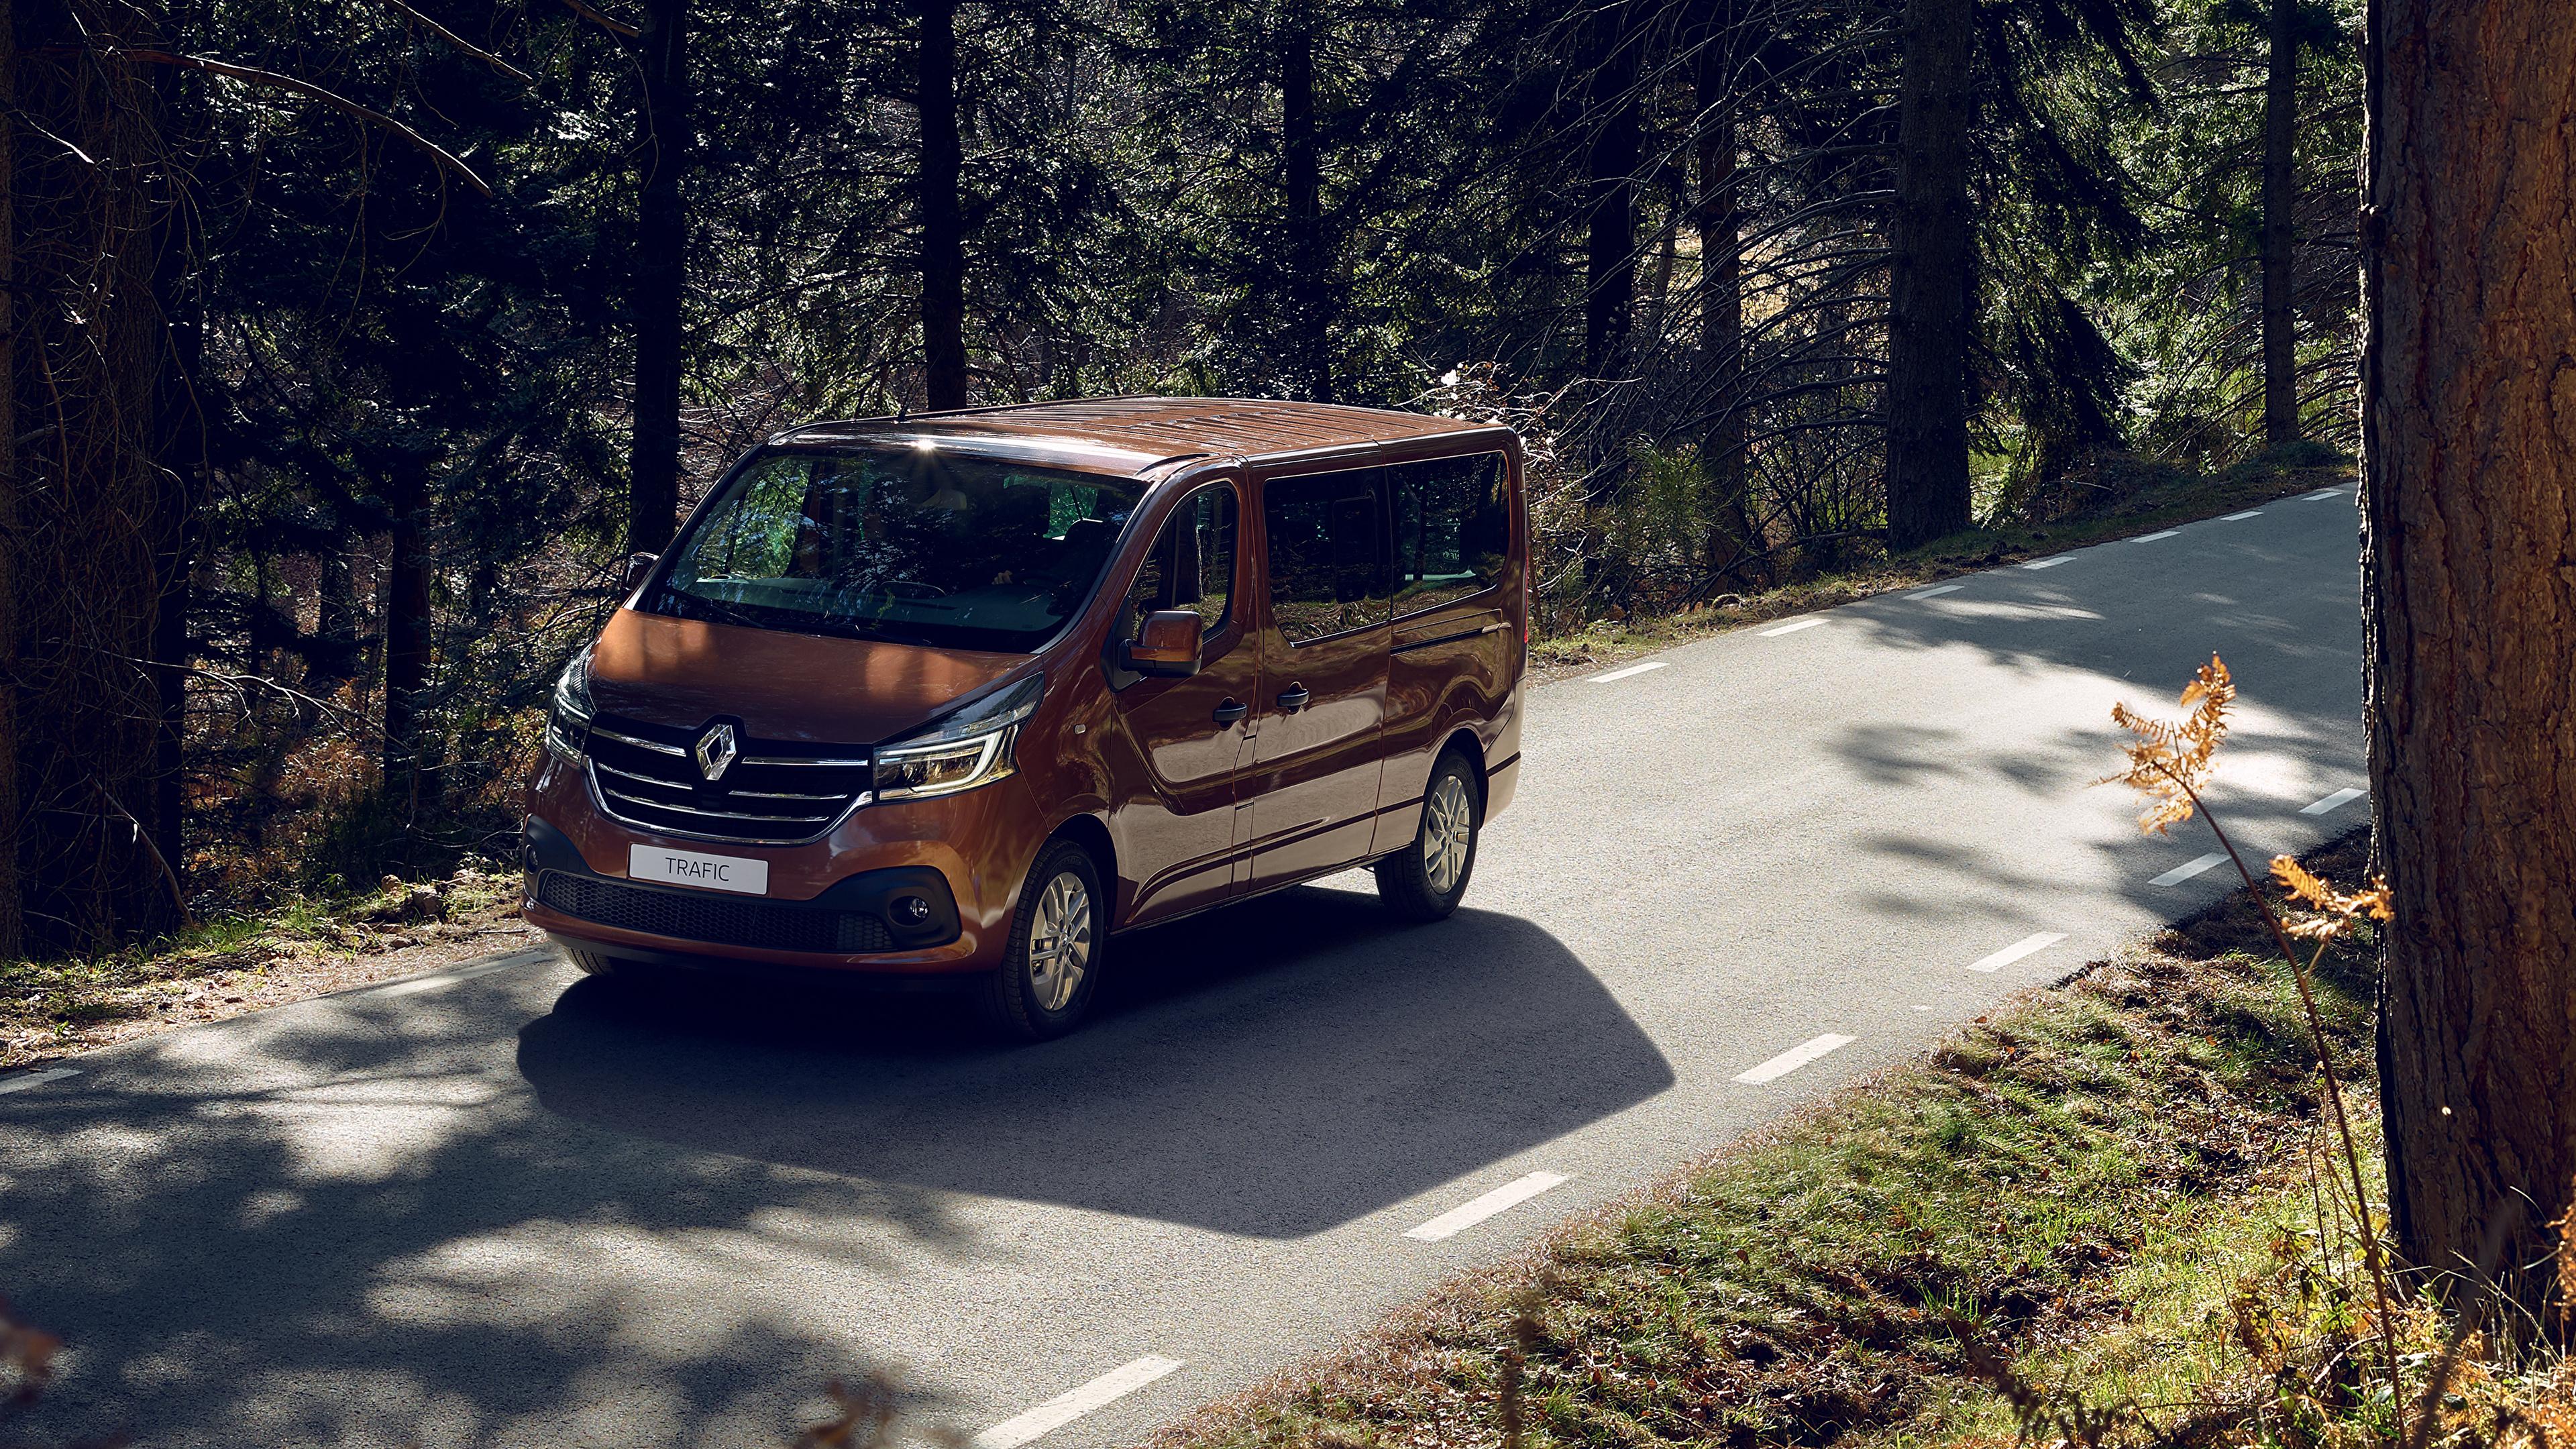 Обои для рабочего стола Рено 2019 Trafic Minibus LWB Worldwide Коричневый машины Металлик 3840x2160 Renault коричневая коричневые авто машина автомобиль Автомобили